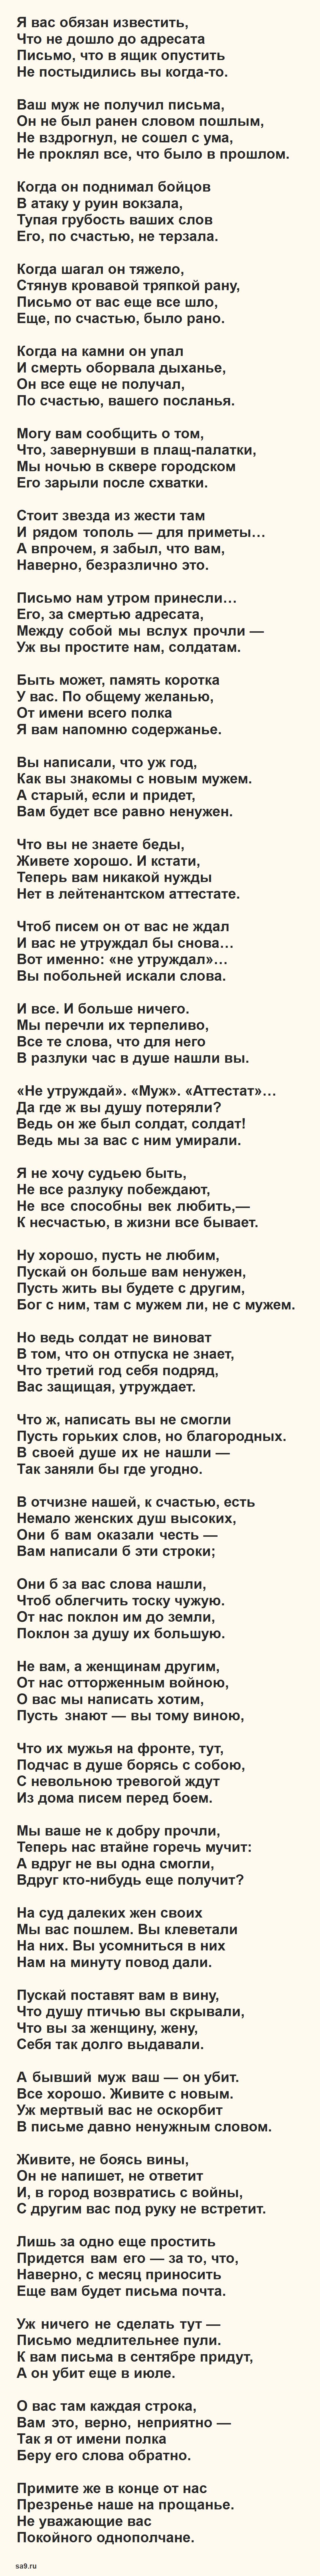 Симонов стихи - Открытое письмо